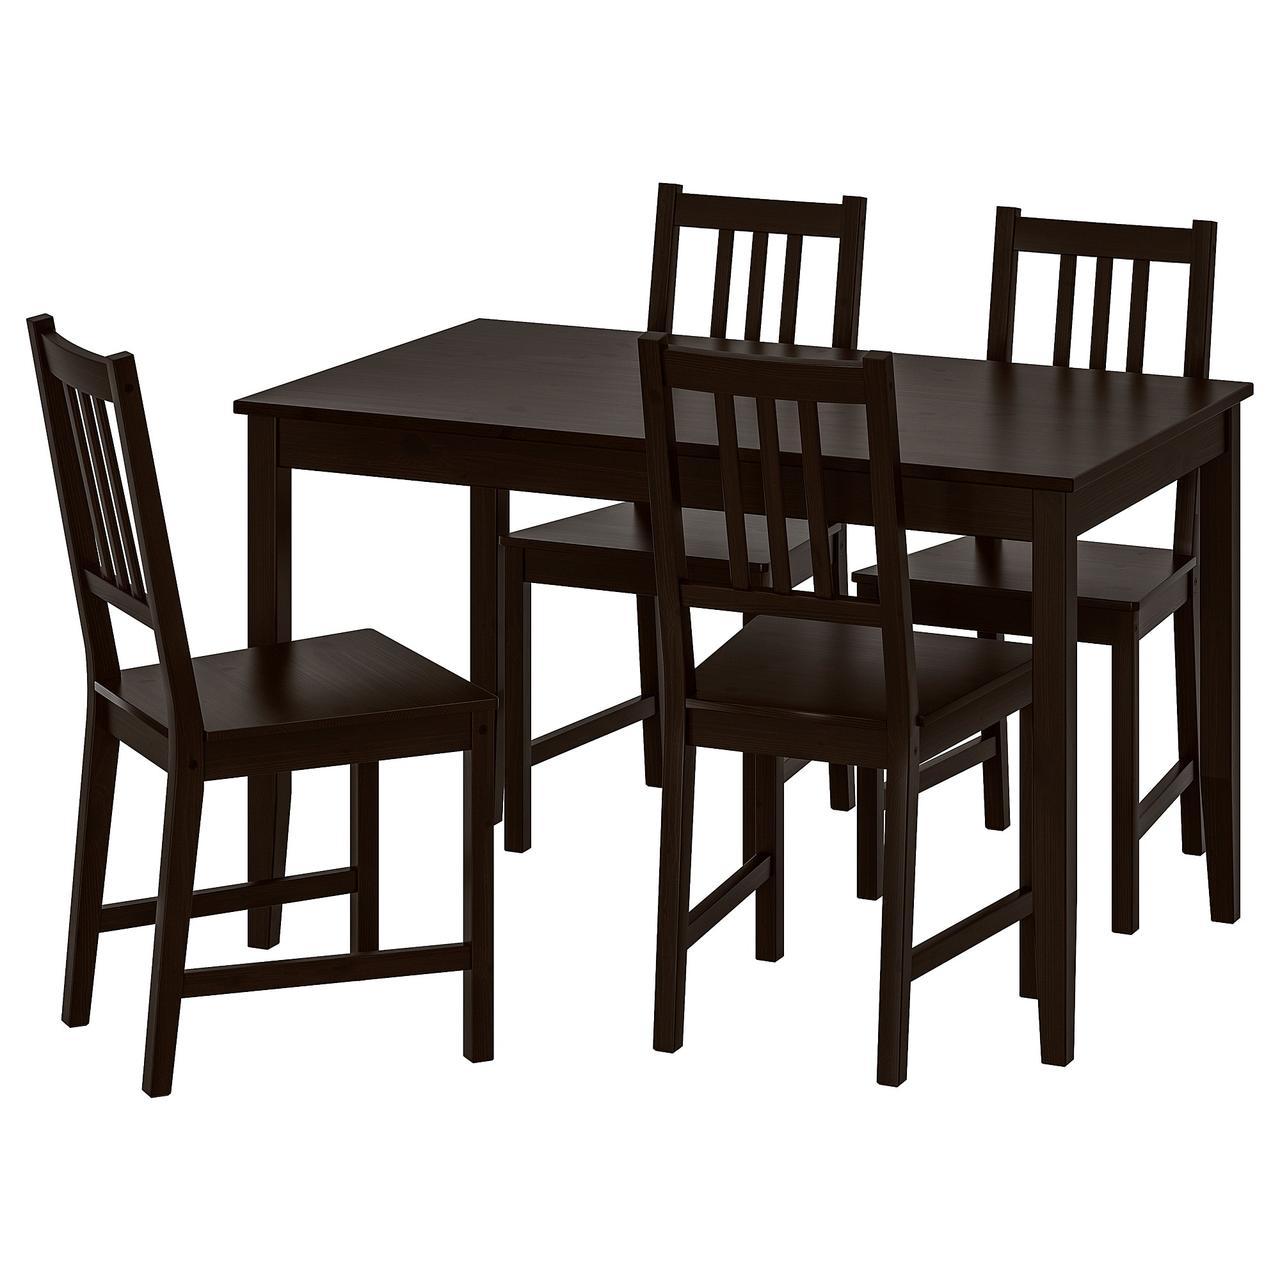 ЛЕРХАМН / СТЕФАН Стол и 4 стула